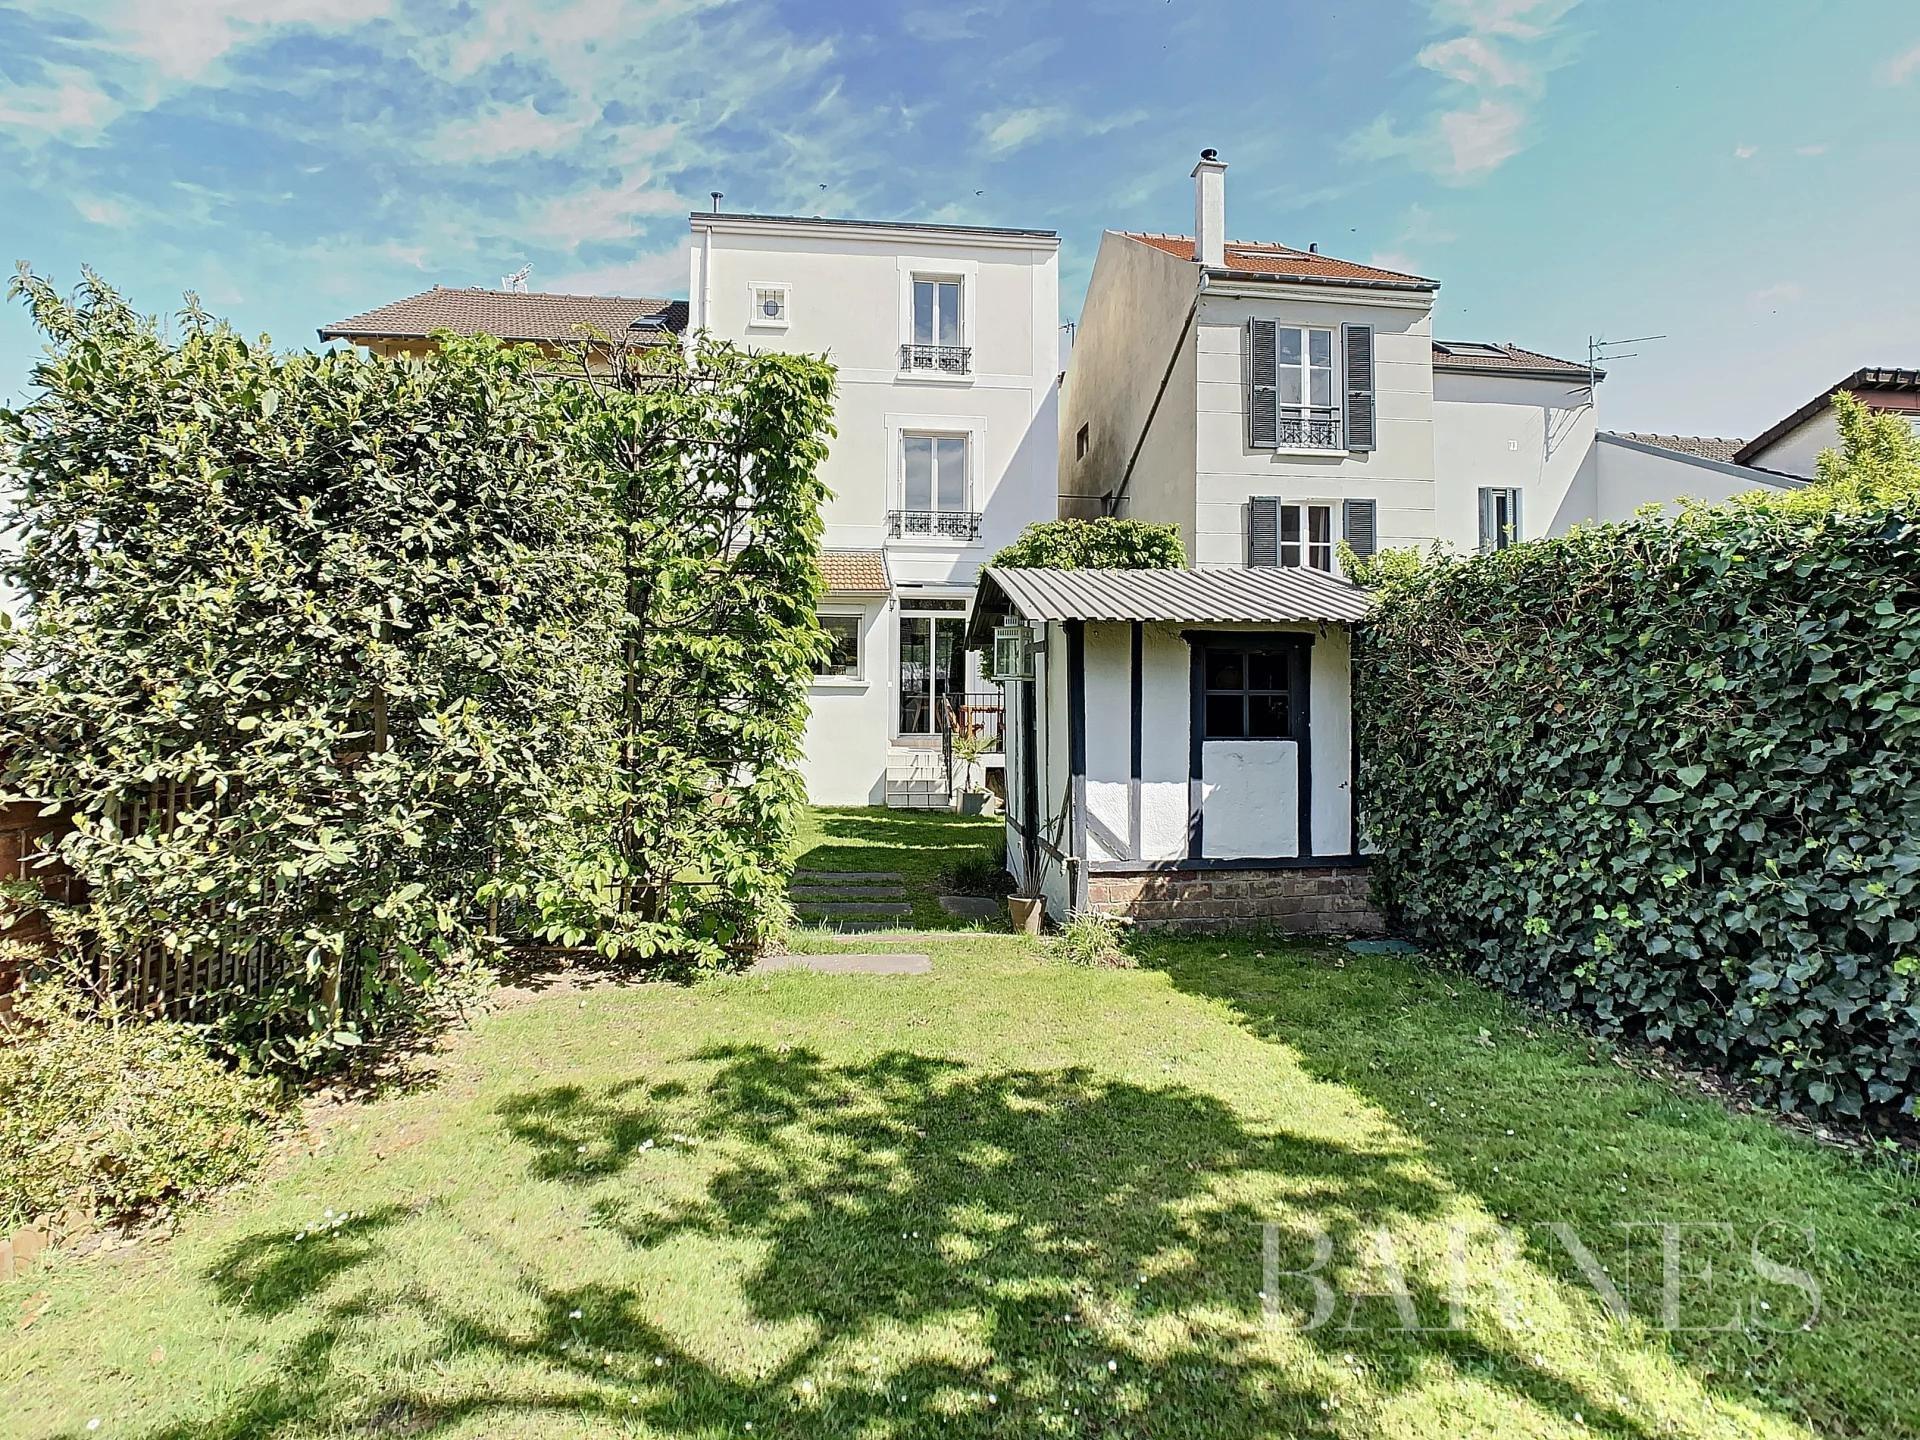 Maison a louer colombes - 7 pièce(s) - 146.27 m2 - Surfyn